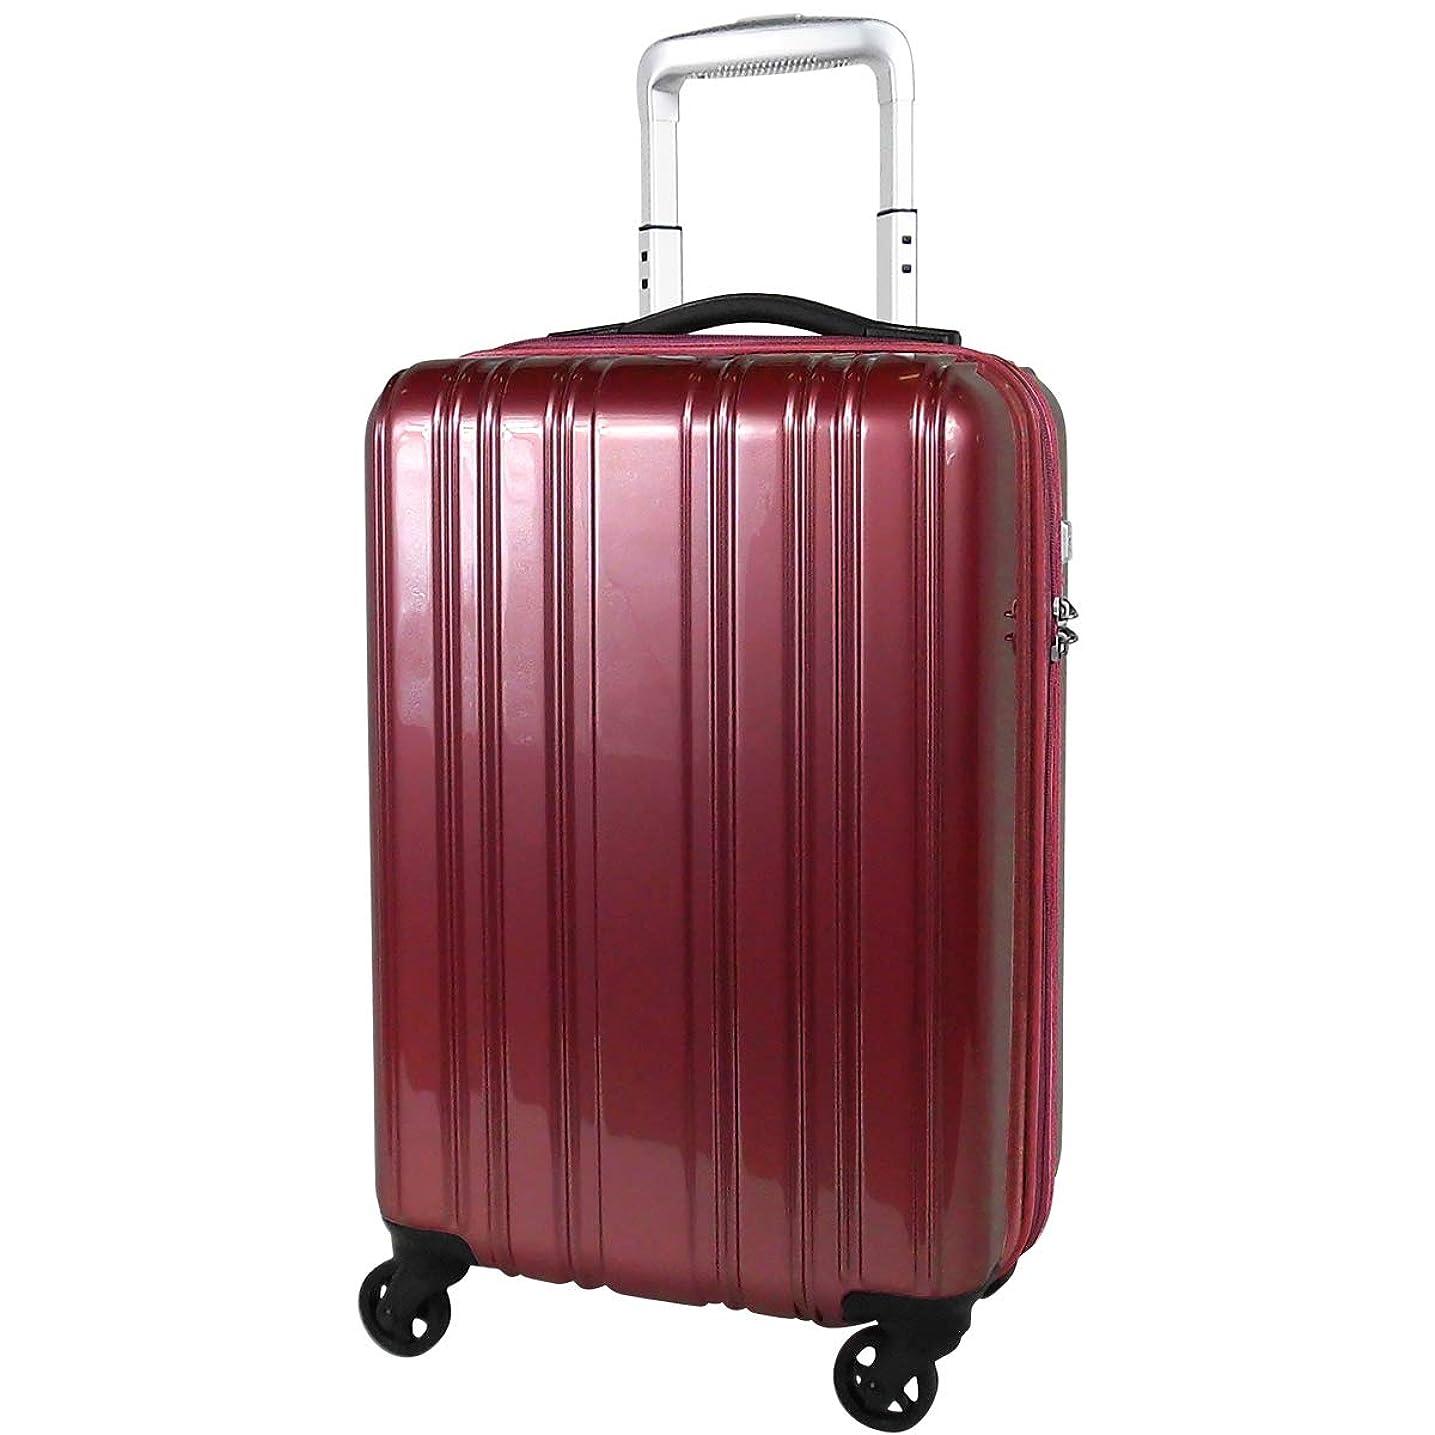 思いやりリッチ復活させるスーツケース 超軽量 1.9kg 機内持込 小型 LCC コインロッカー 静かなキャスター TSAロック ポリカボネート 1?3泊 32L Sサイズ SiiiN+Light シーンプラスライト